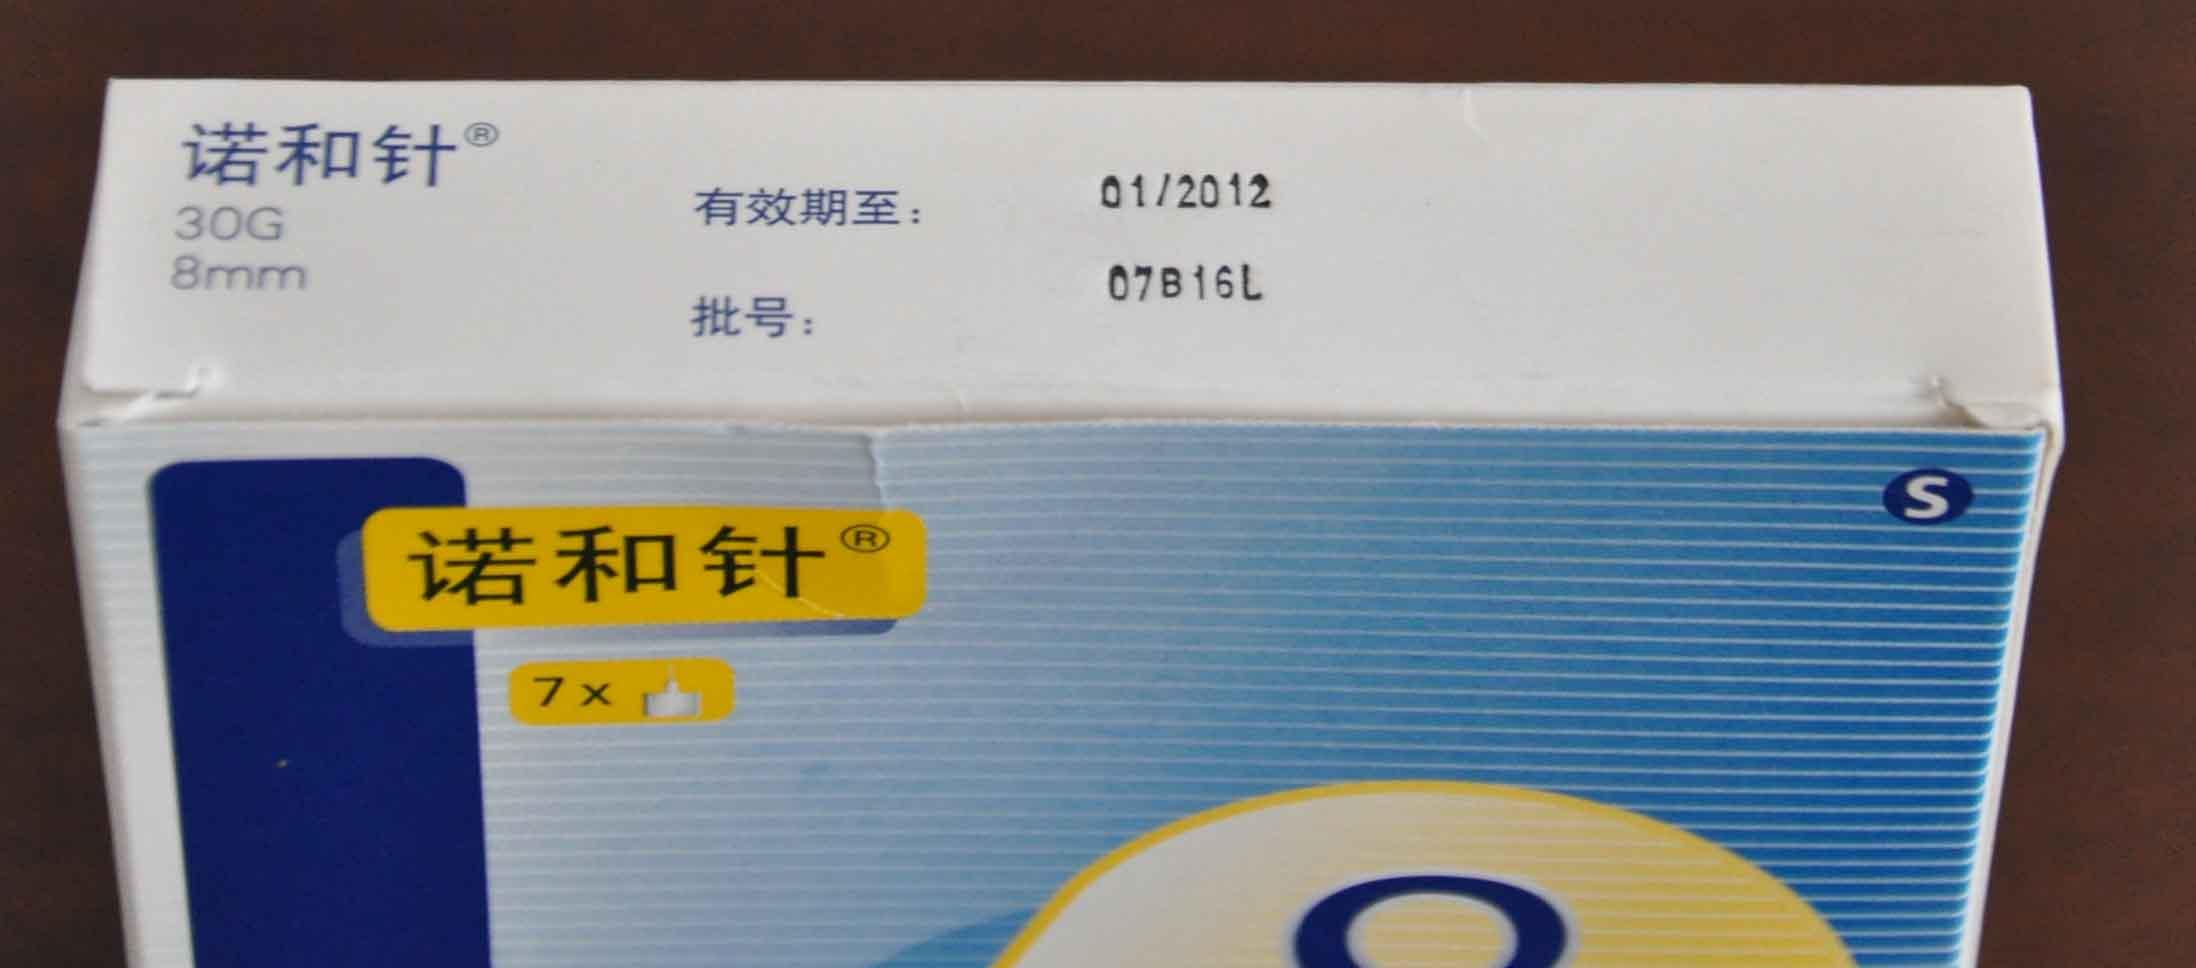 20元转让供糖尿病人注射胰岛素时与诺和笔配套使用的